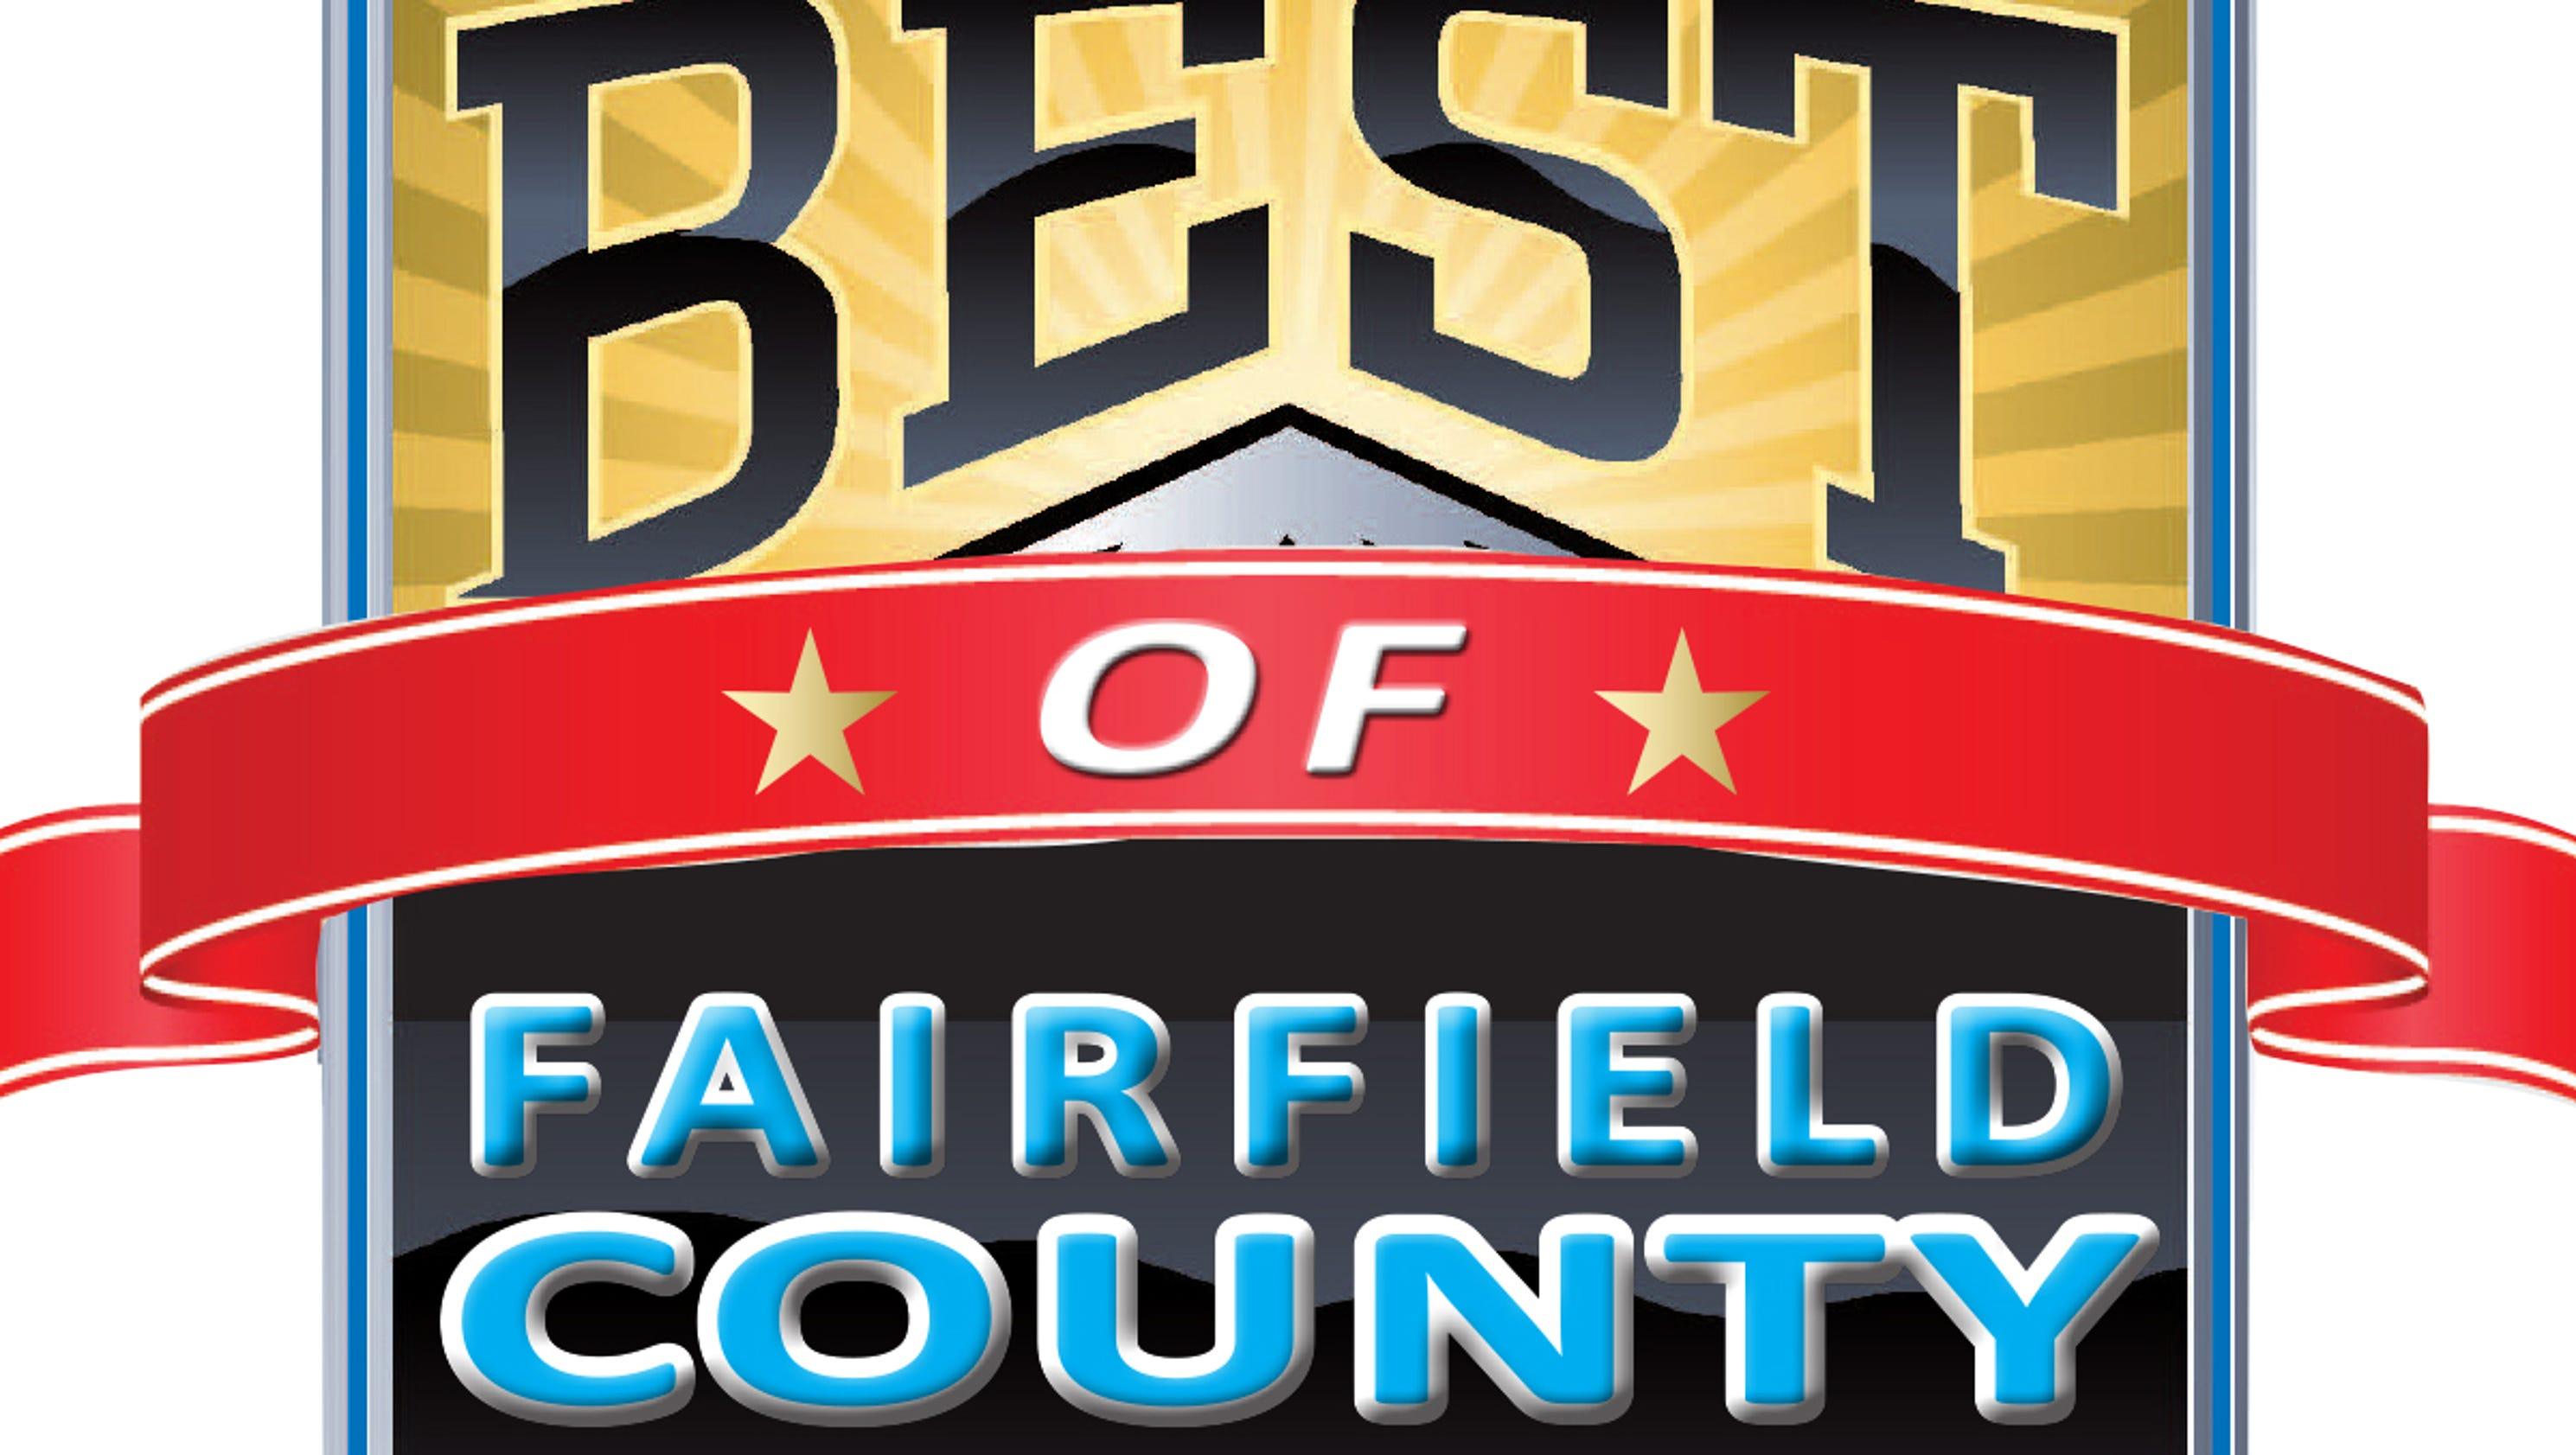 Best of Fairfield County winners